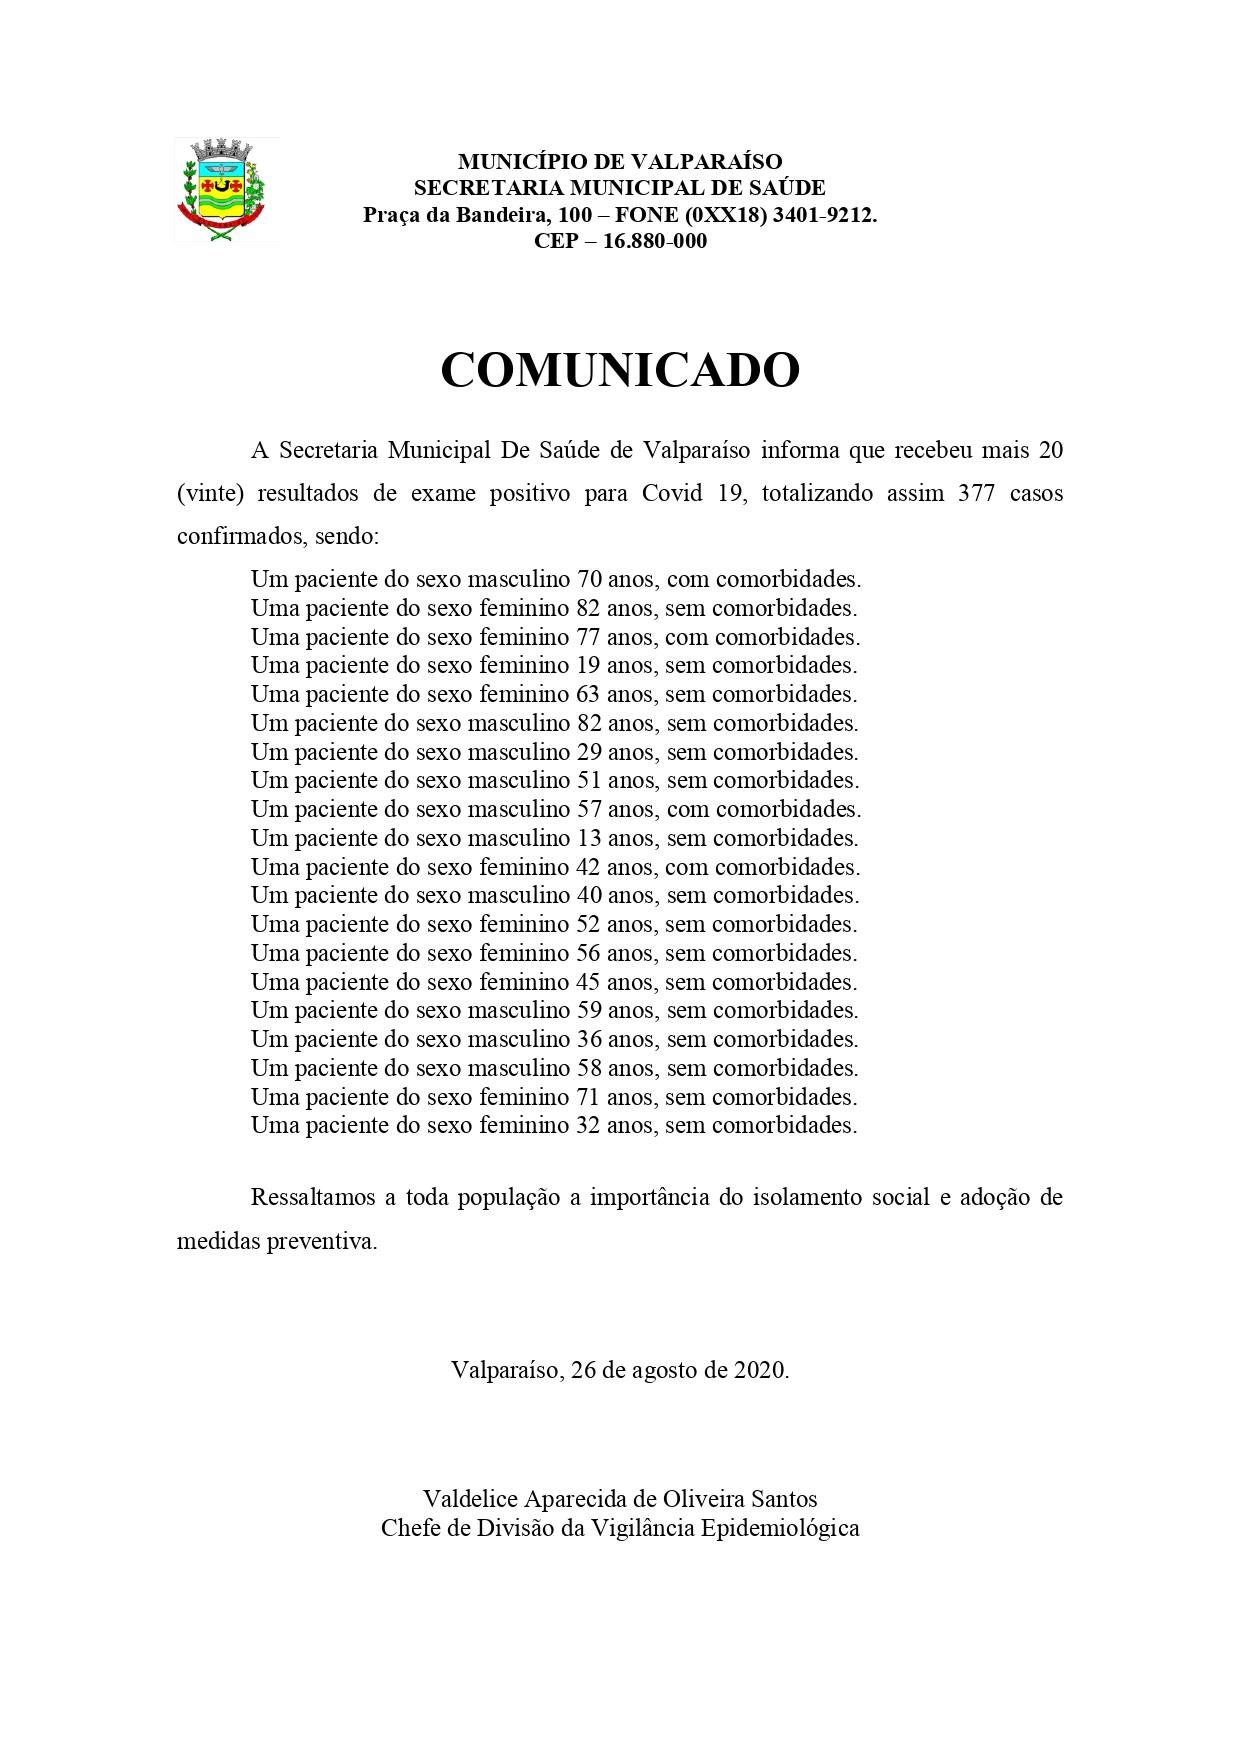 covid377